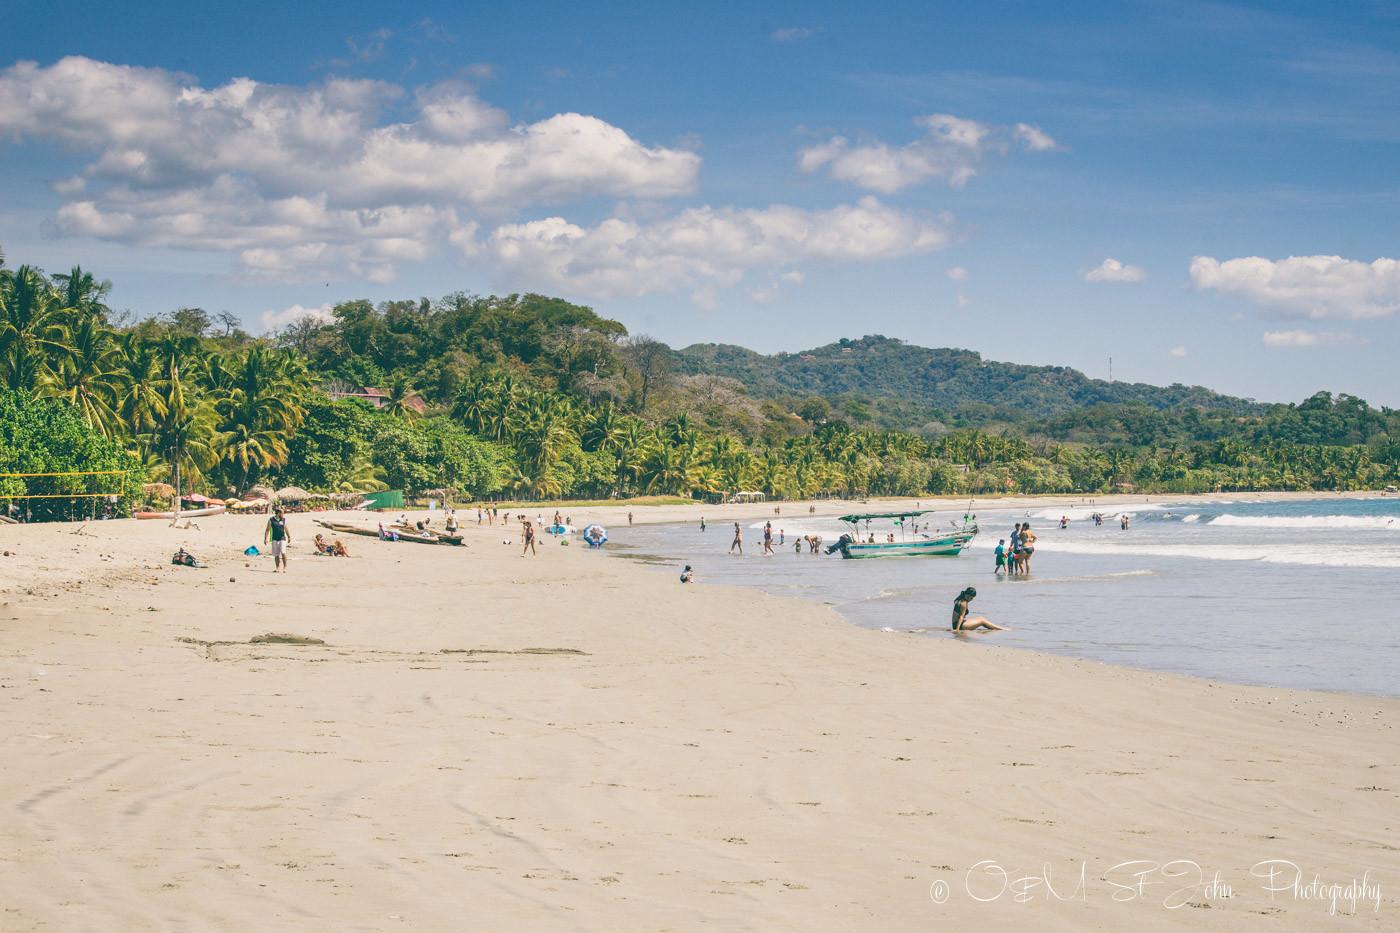 Costa Rica itinerary: Playa Samara, Costa Rica